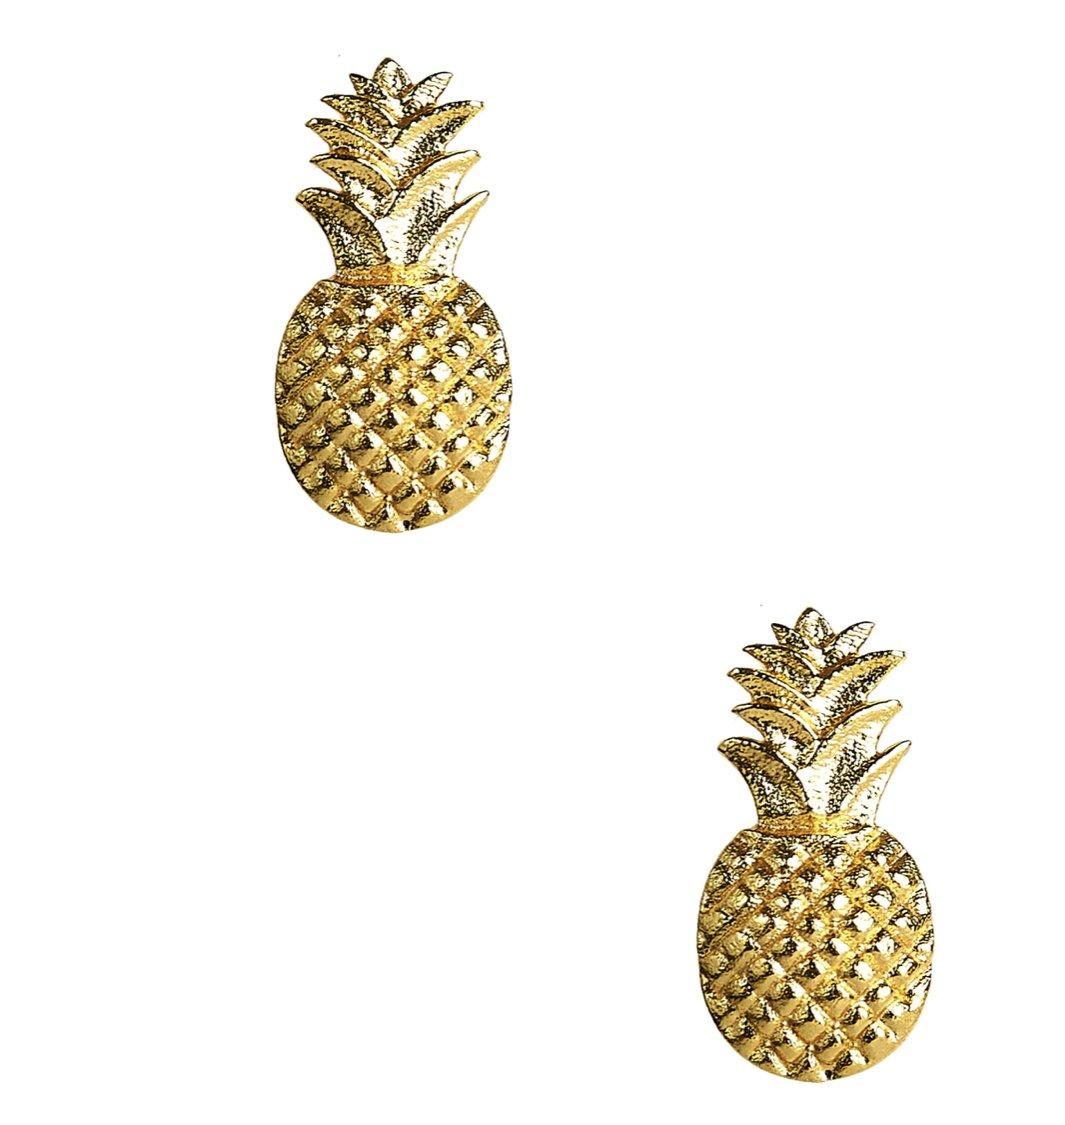 Pineapple Stud earrings